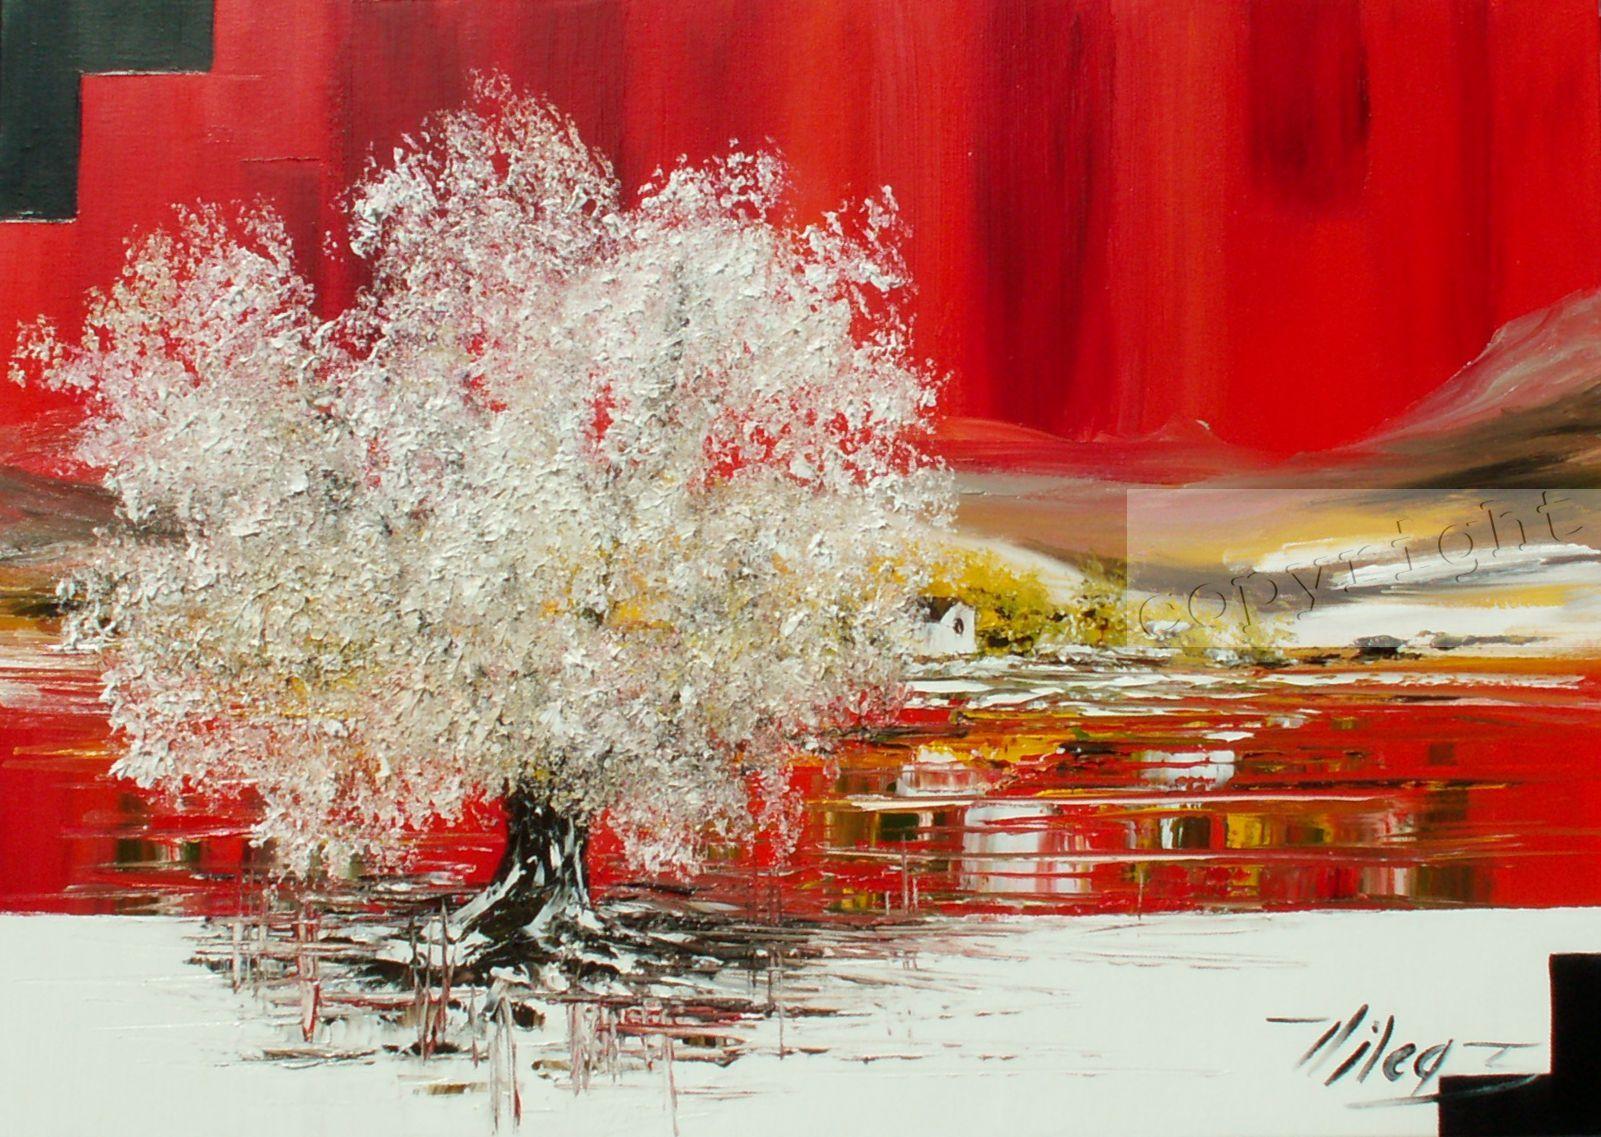 L'oeuvre au rougeHuile sur toile50x70 cmCopyright VilcazVendu